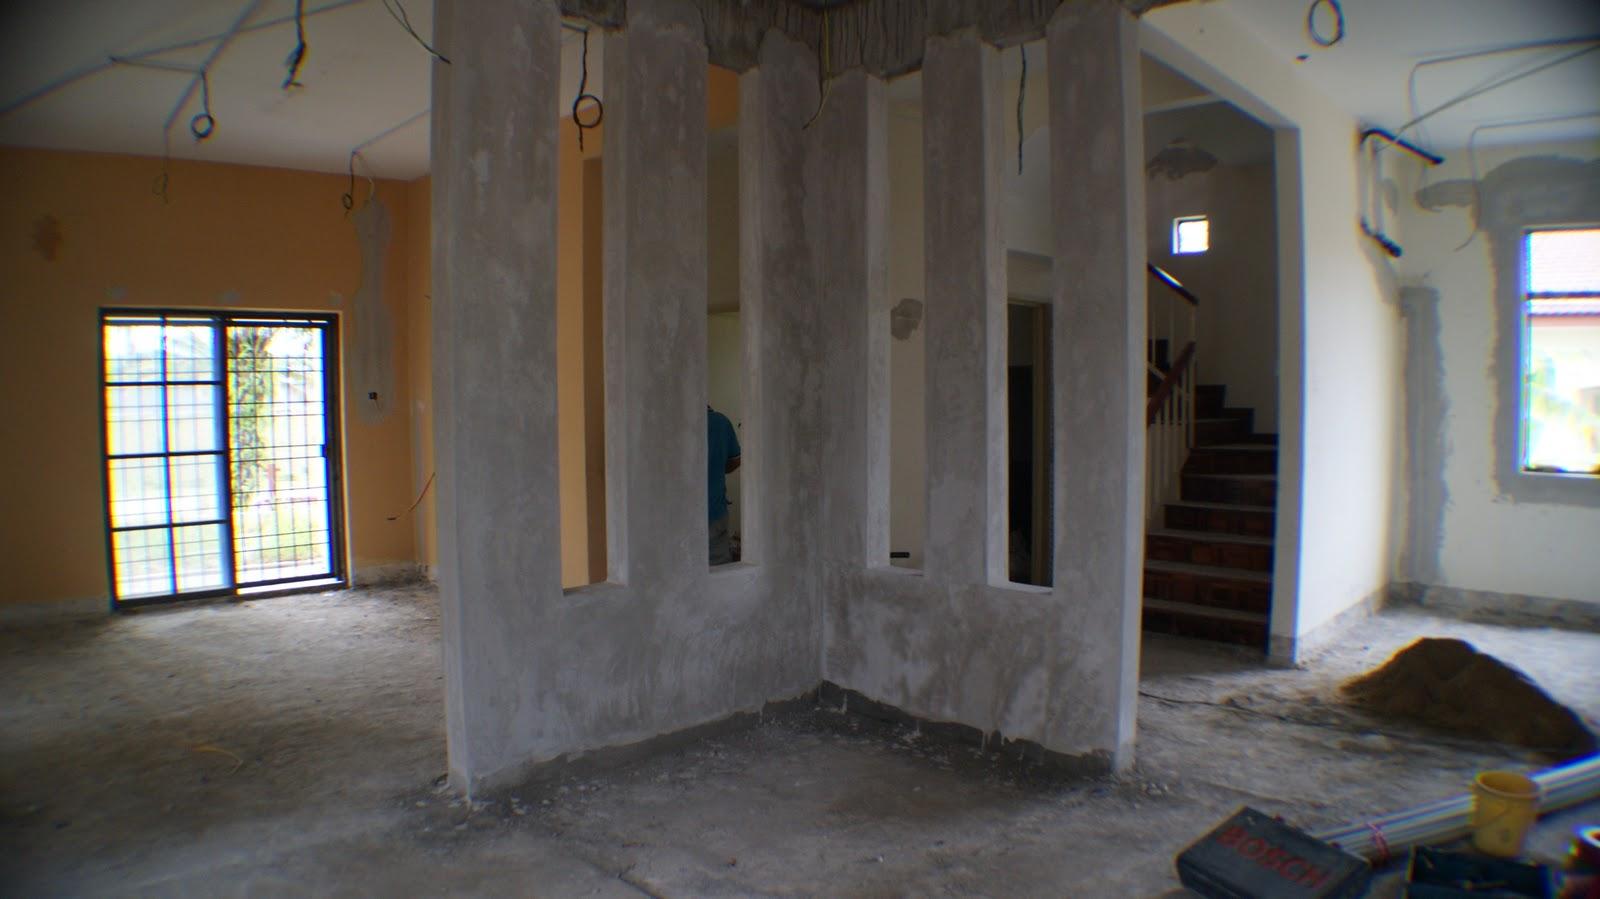 Ubahsuai Ruang Tamu Desainrumahid